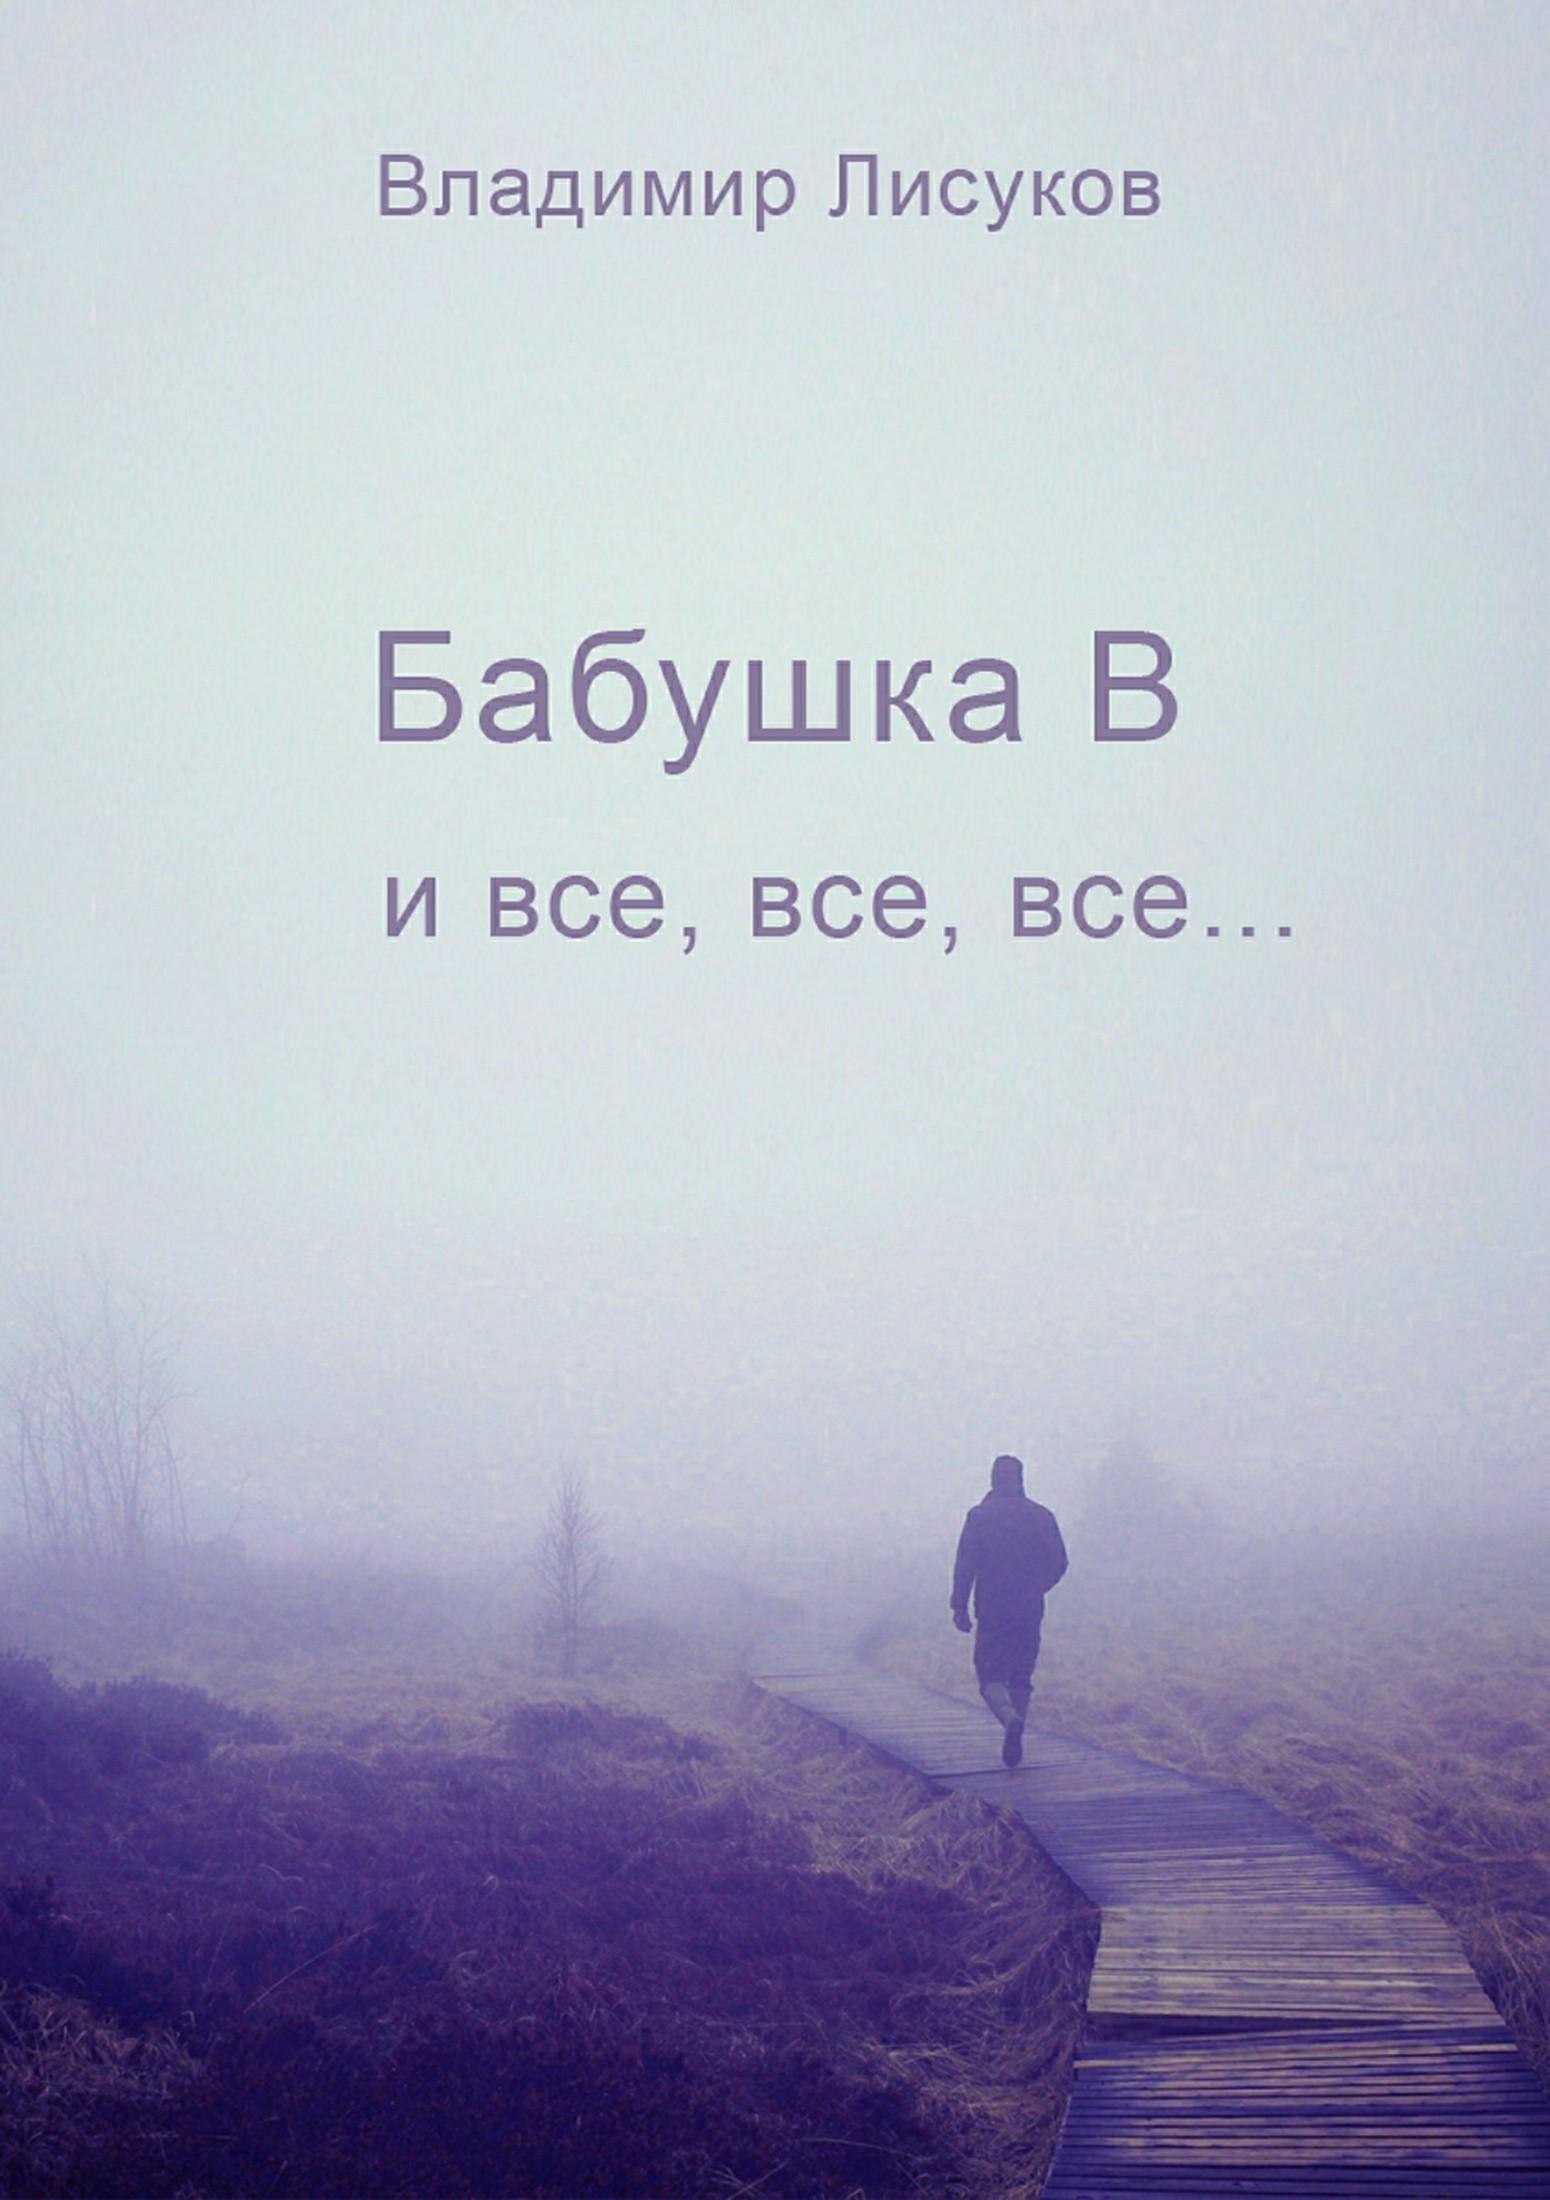 Владимир Иванович Лисуков бесплатно